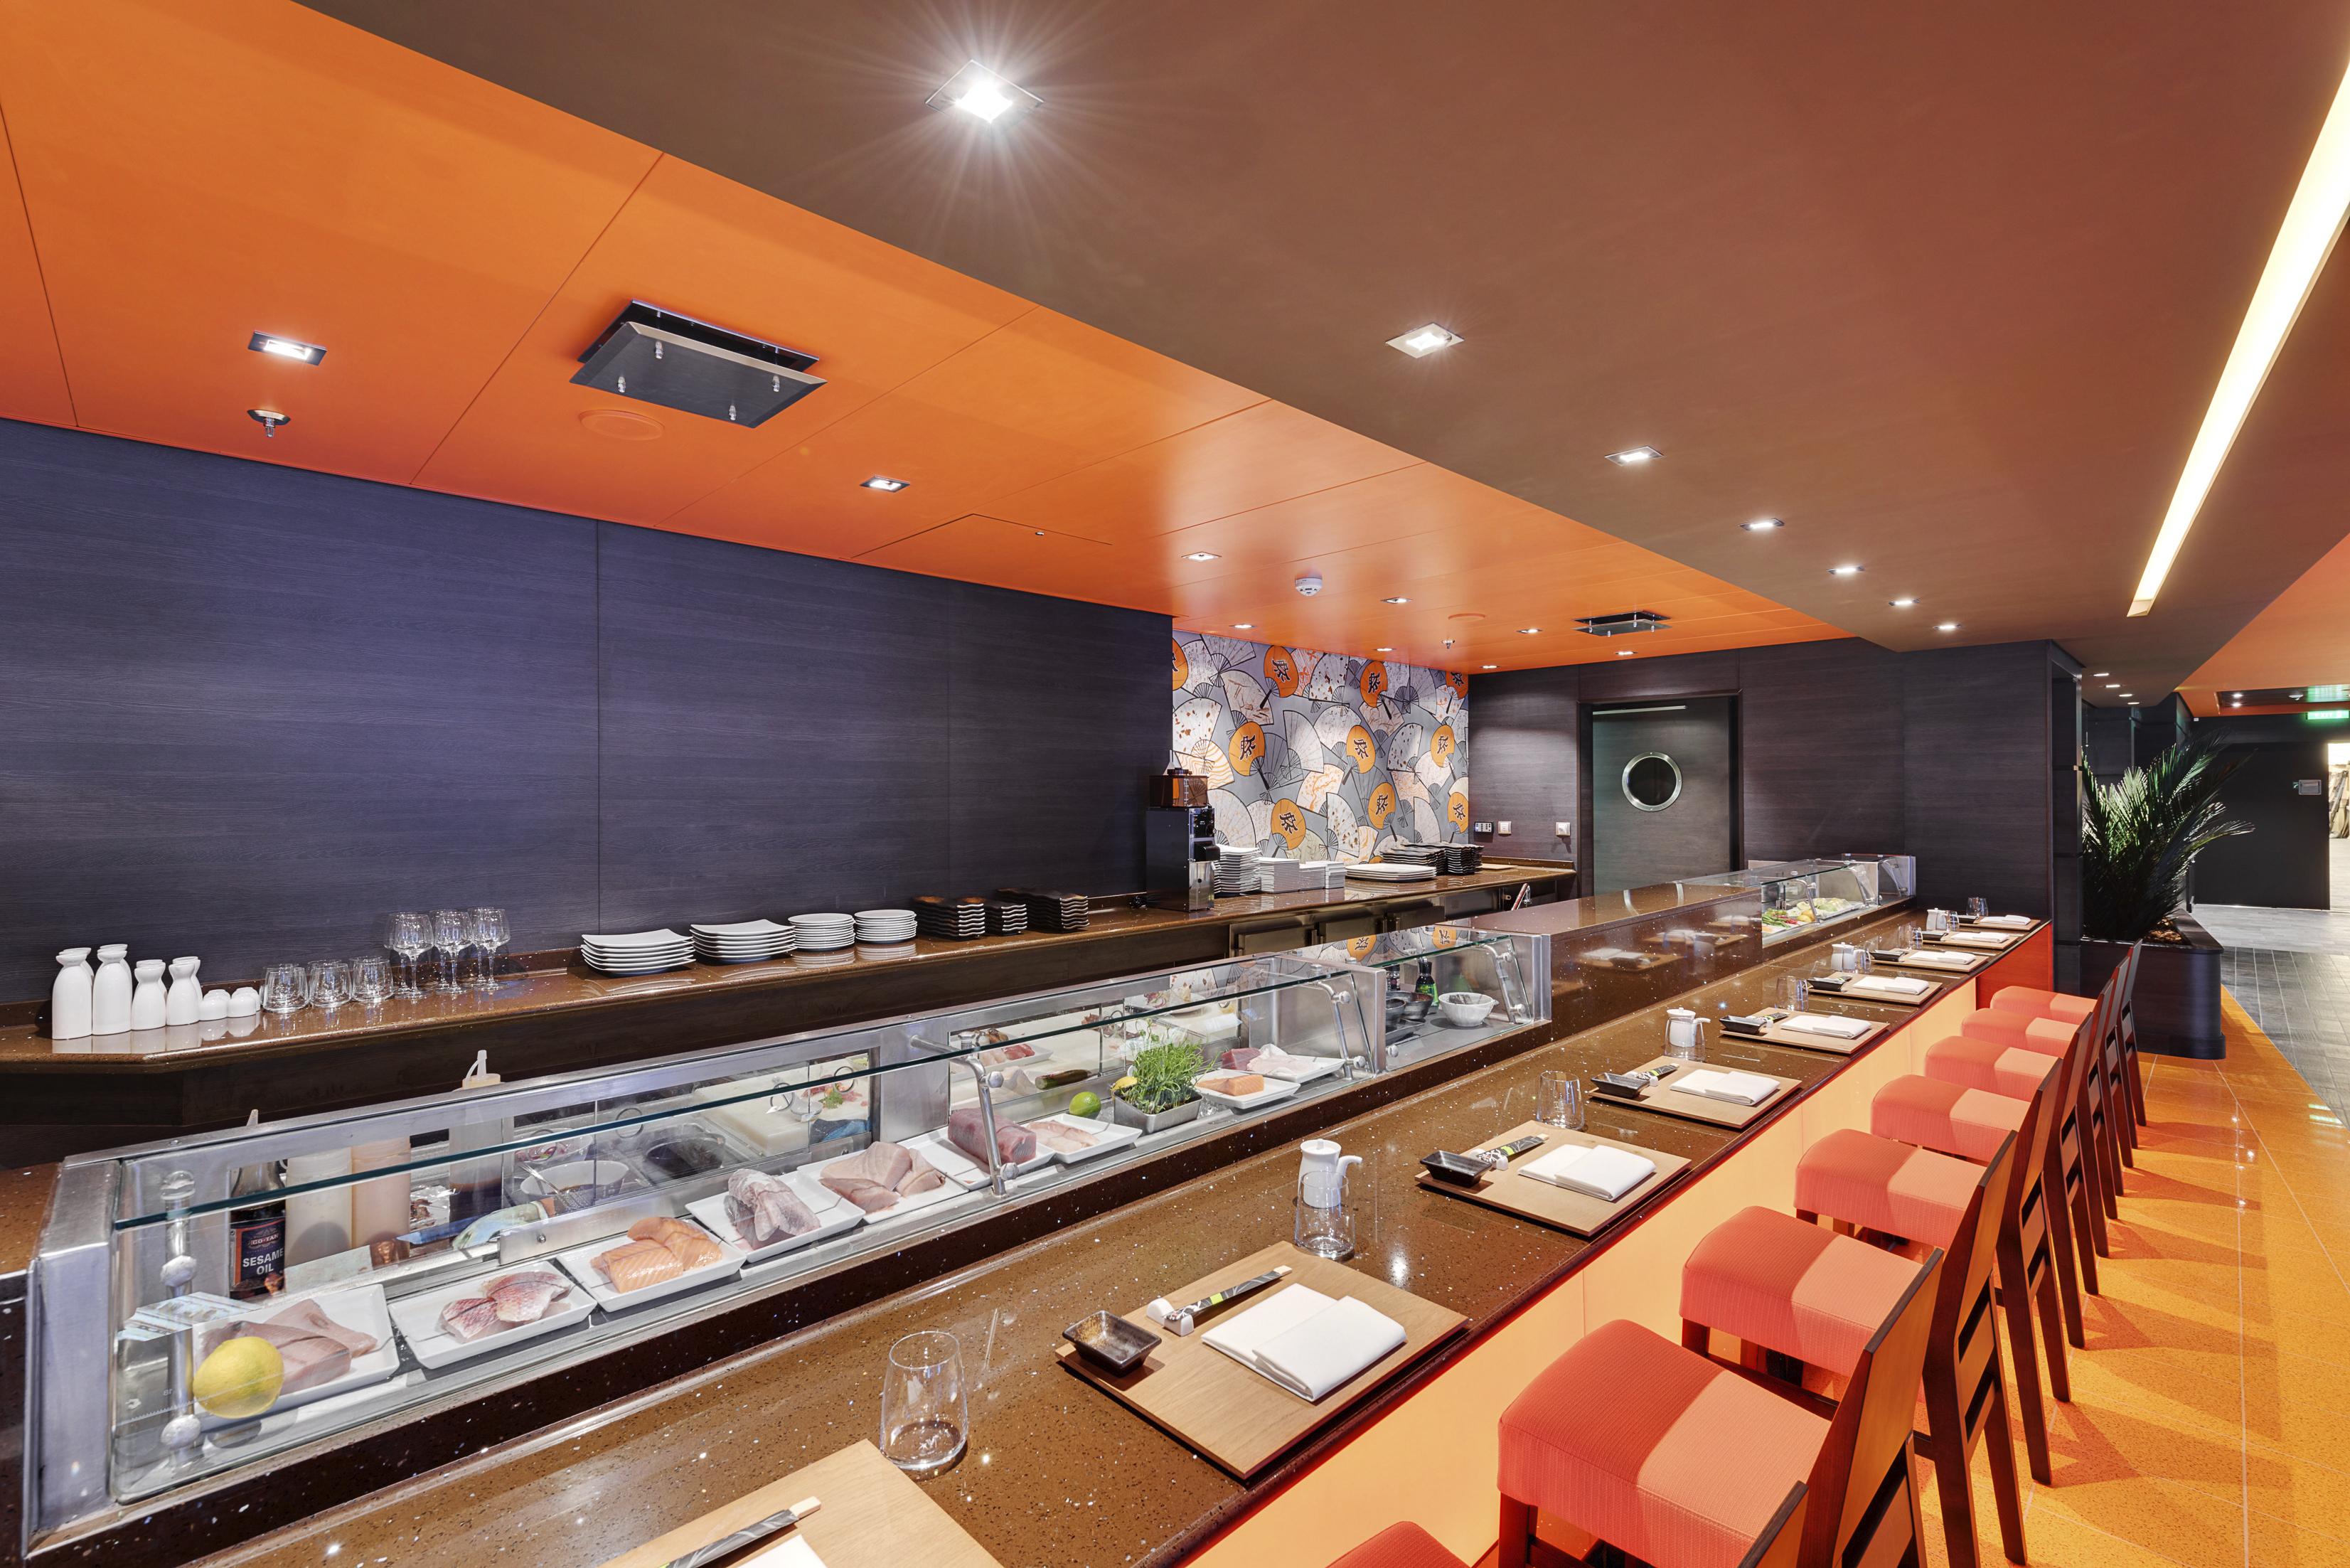 海渡寿司吧 Kaito Sushi Bar